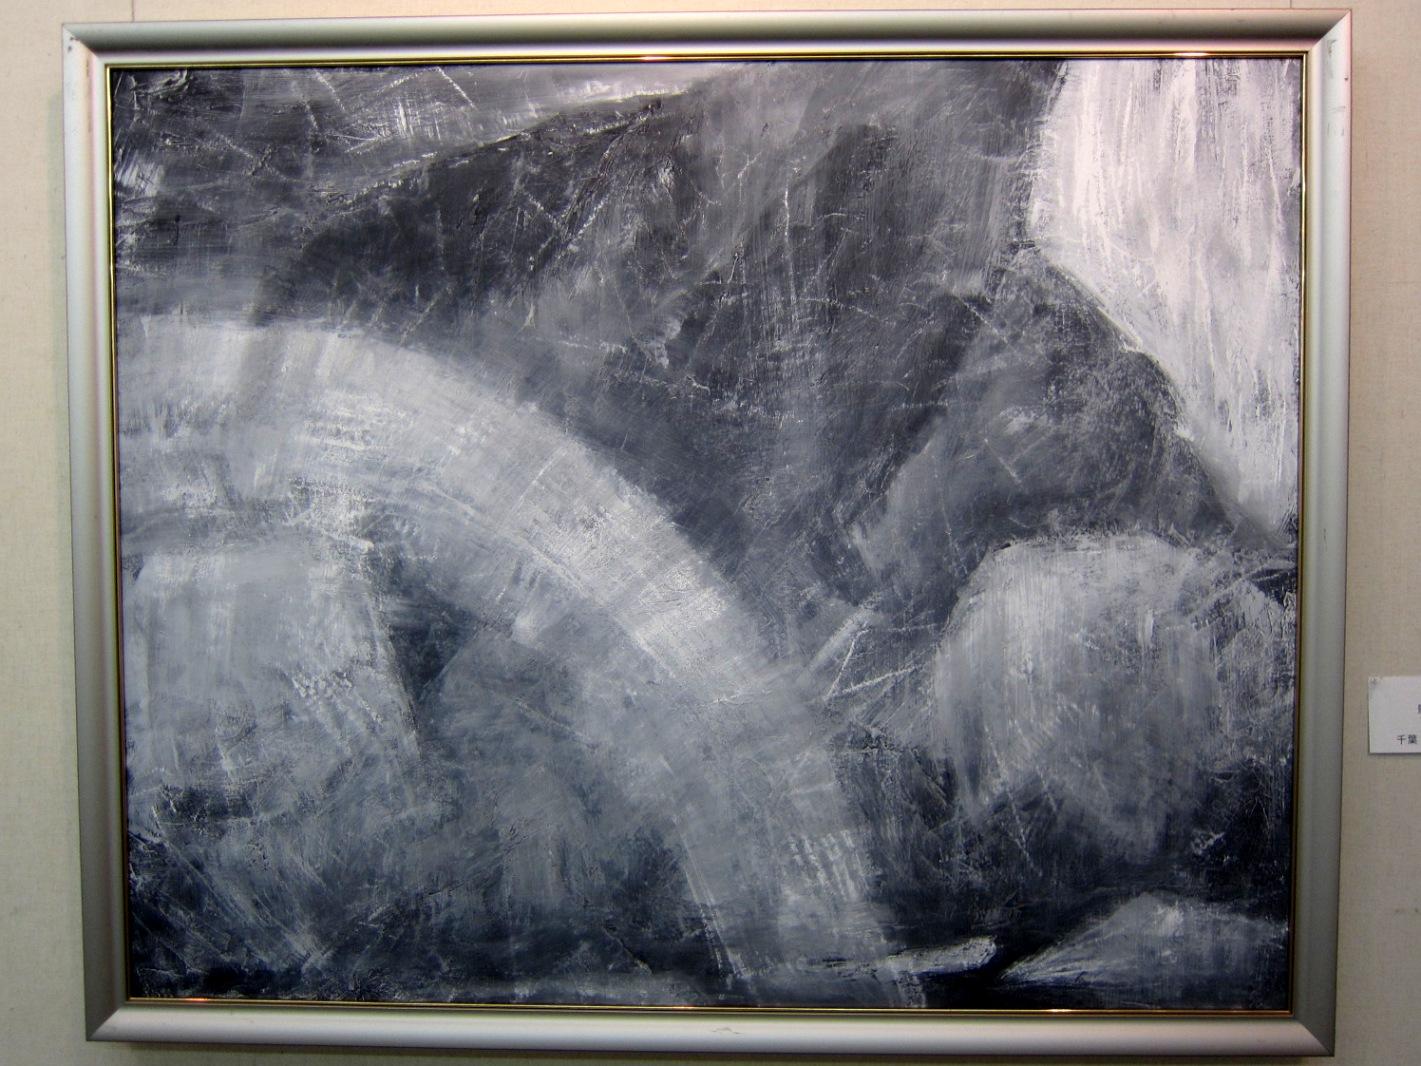 2072)②「北の日本画展 第28回」 時計台 終了5月20日(月)~5月25日(土)_f0126829_22352062.jpg